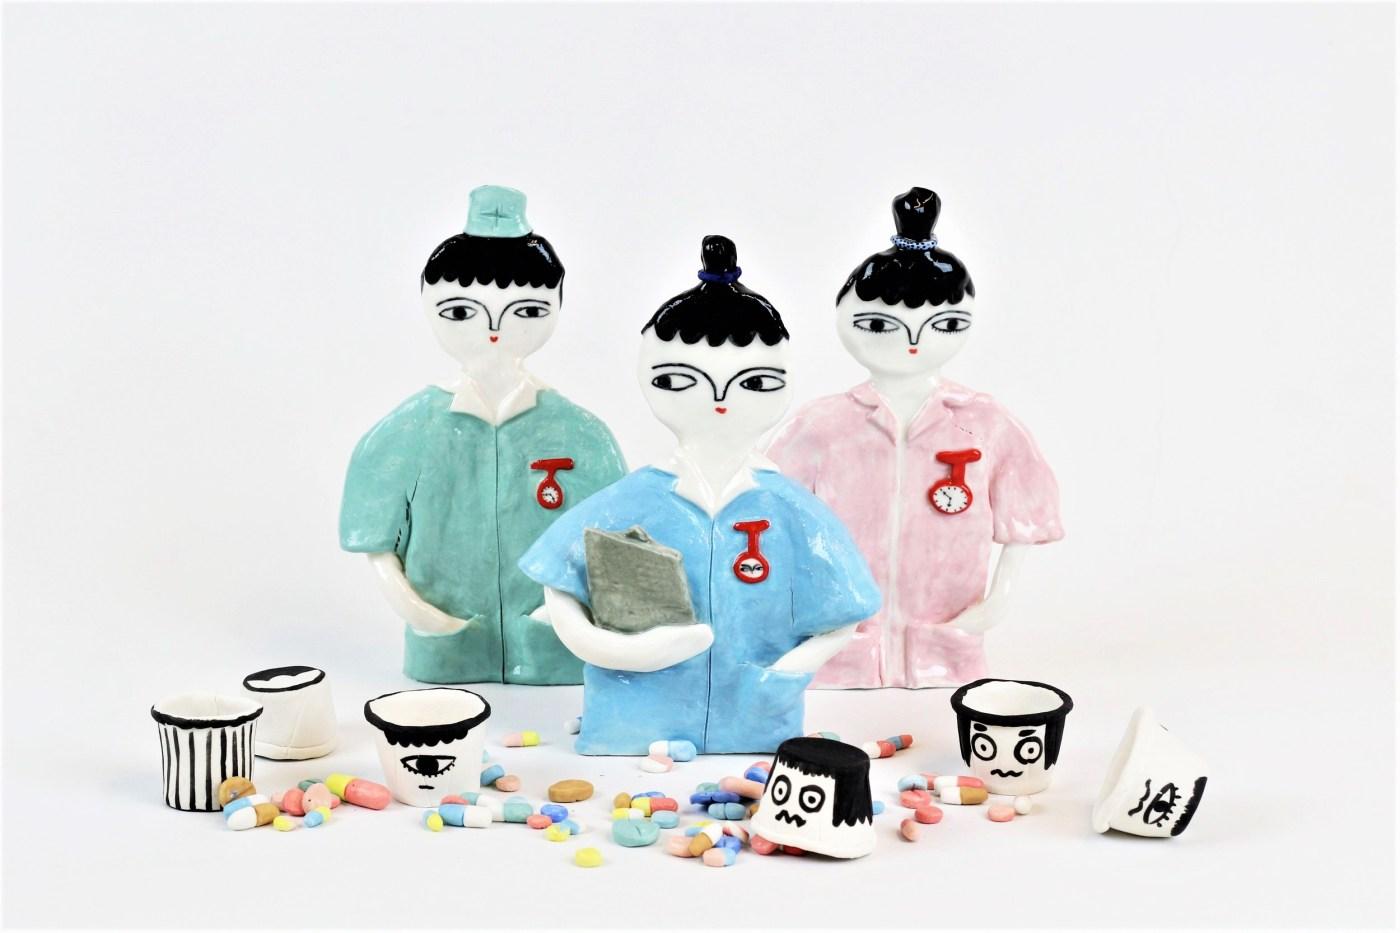 Enfermeras de cerámica Kinska